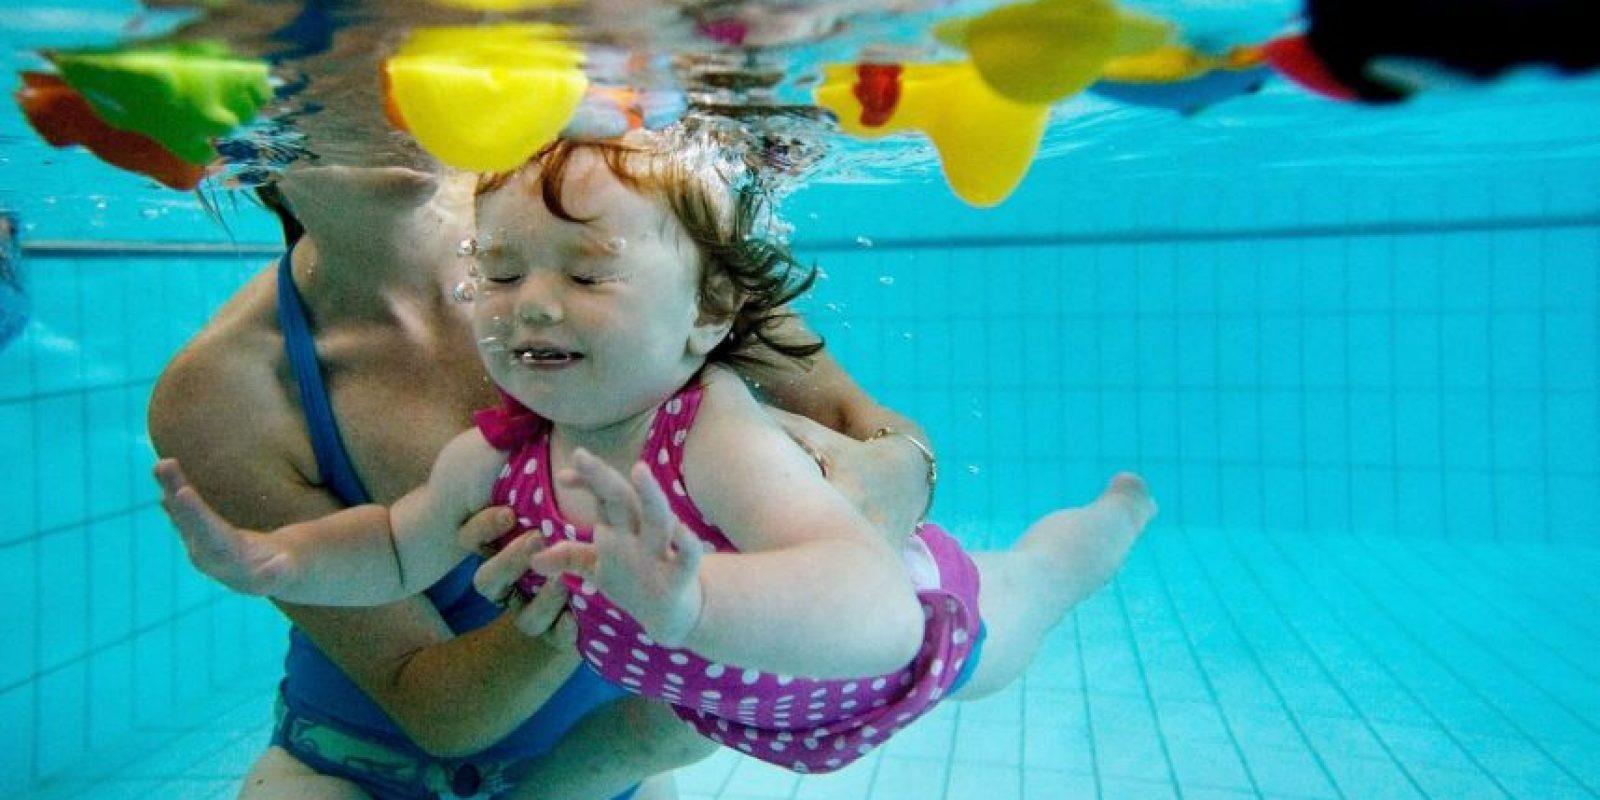 La temperatura del agua debe oscilar entre 31 y 32 grados centígrados Foto:Getty Images